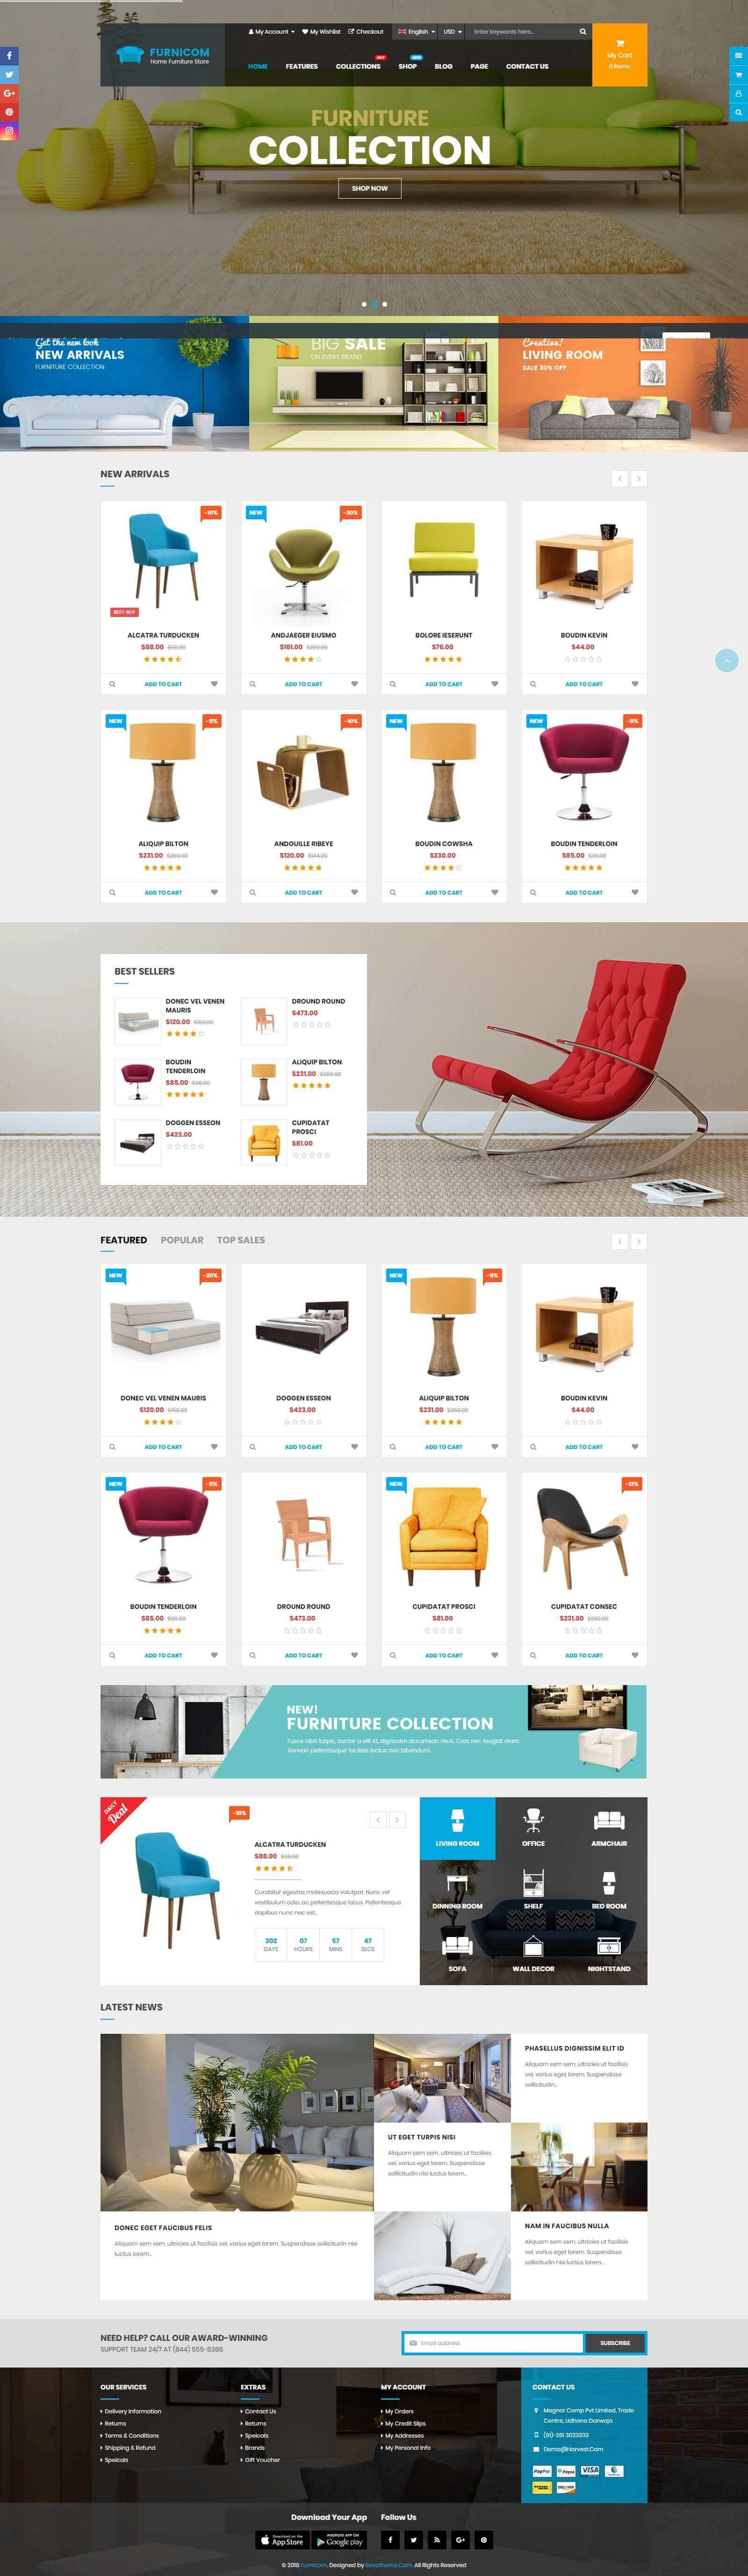 Mẫu website bán hàng nội thất đẹp, chuyên nghiệp